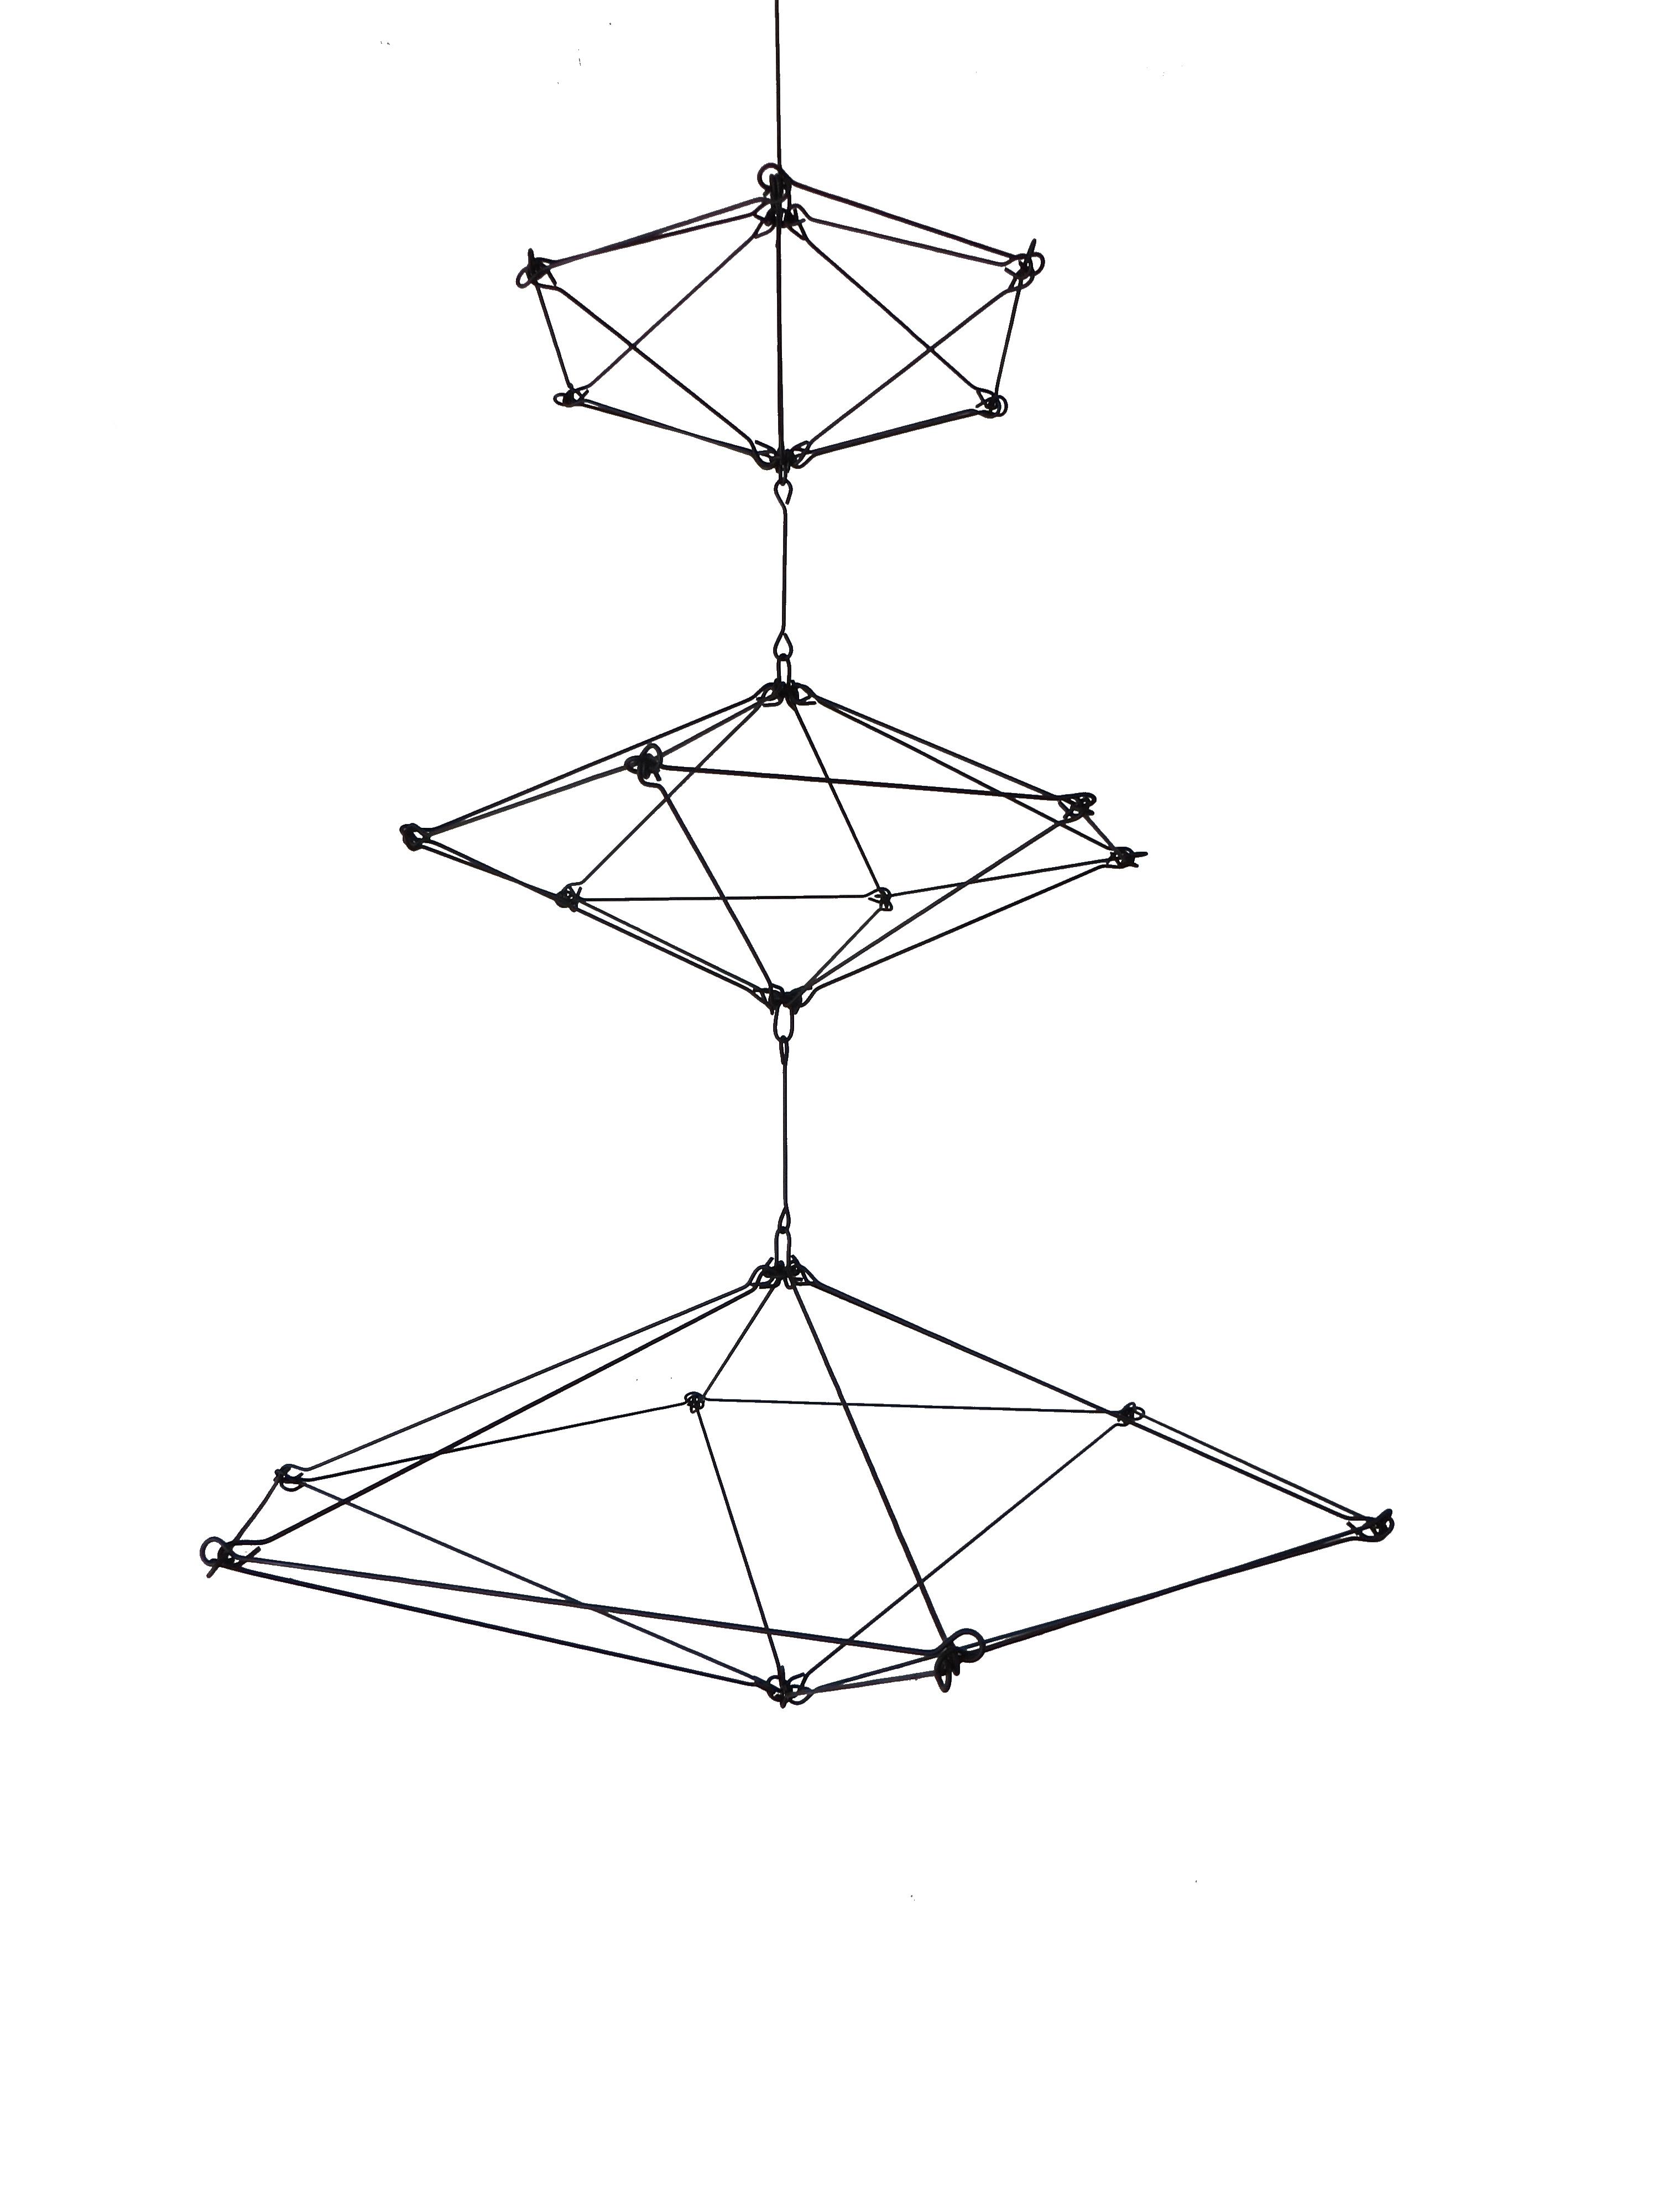 Modern Himmeli Inspired Geometric Mobile Sculpture